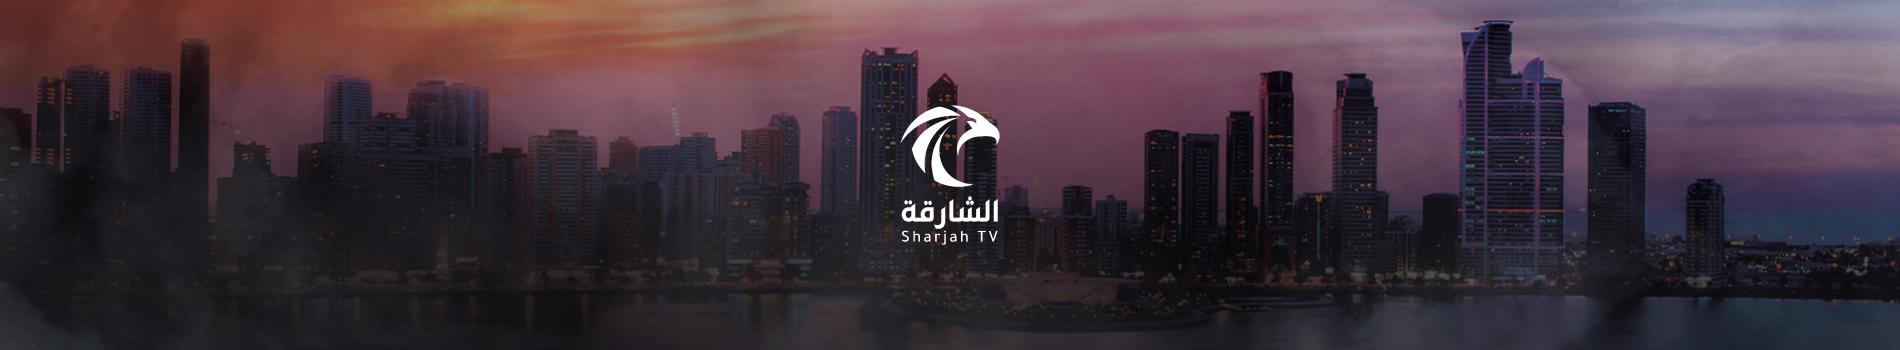 فيلم عربي